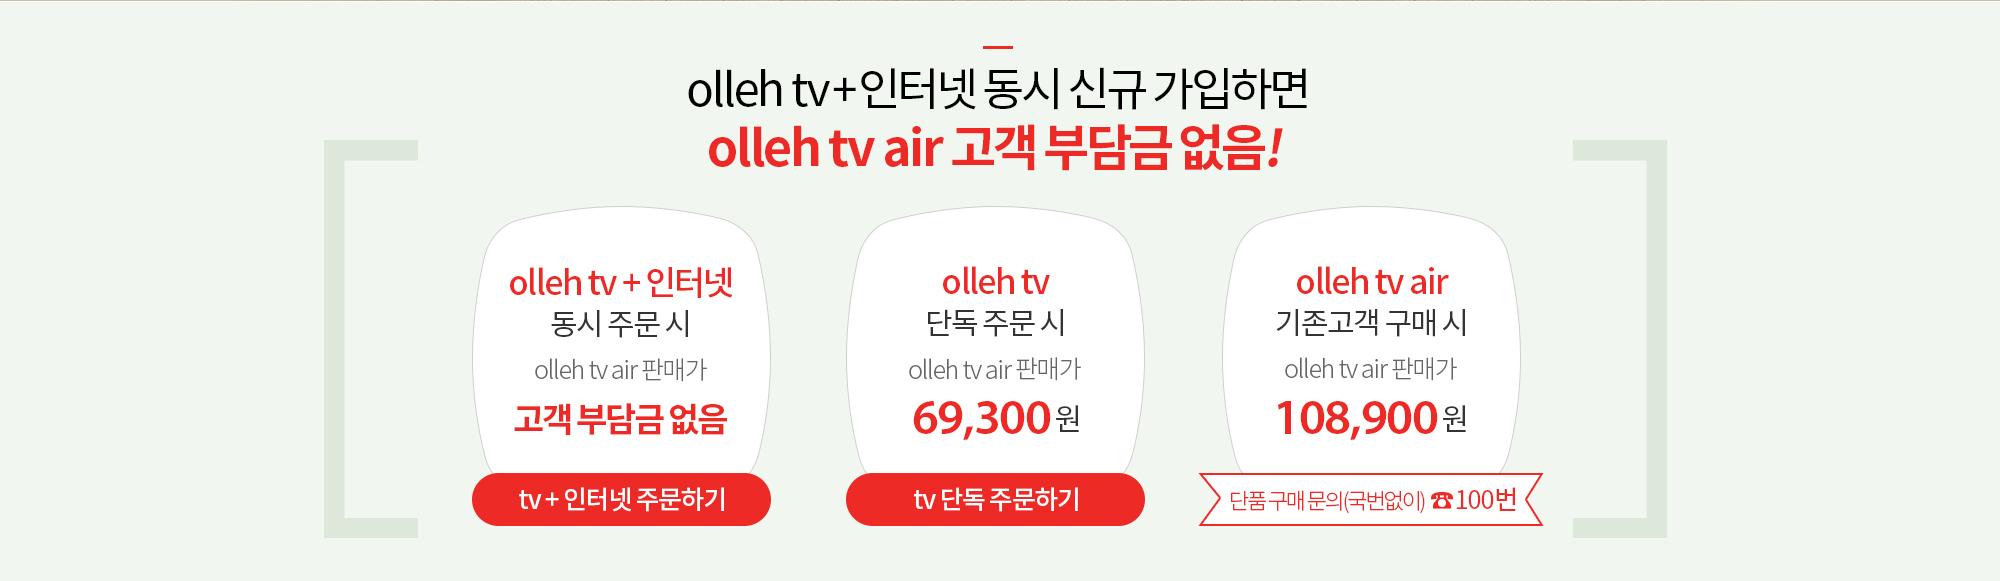 olleh tv + 인터넷' 동시 신규 가입하면 olleh tv air 기본제공! 아래 내용 참조